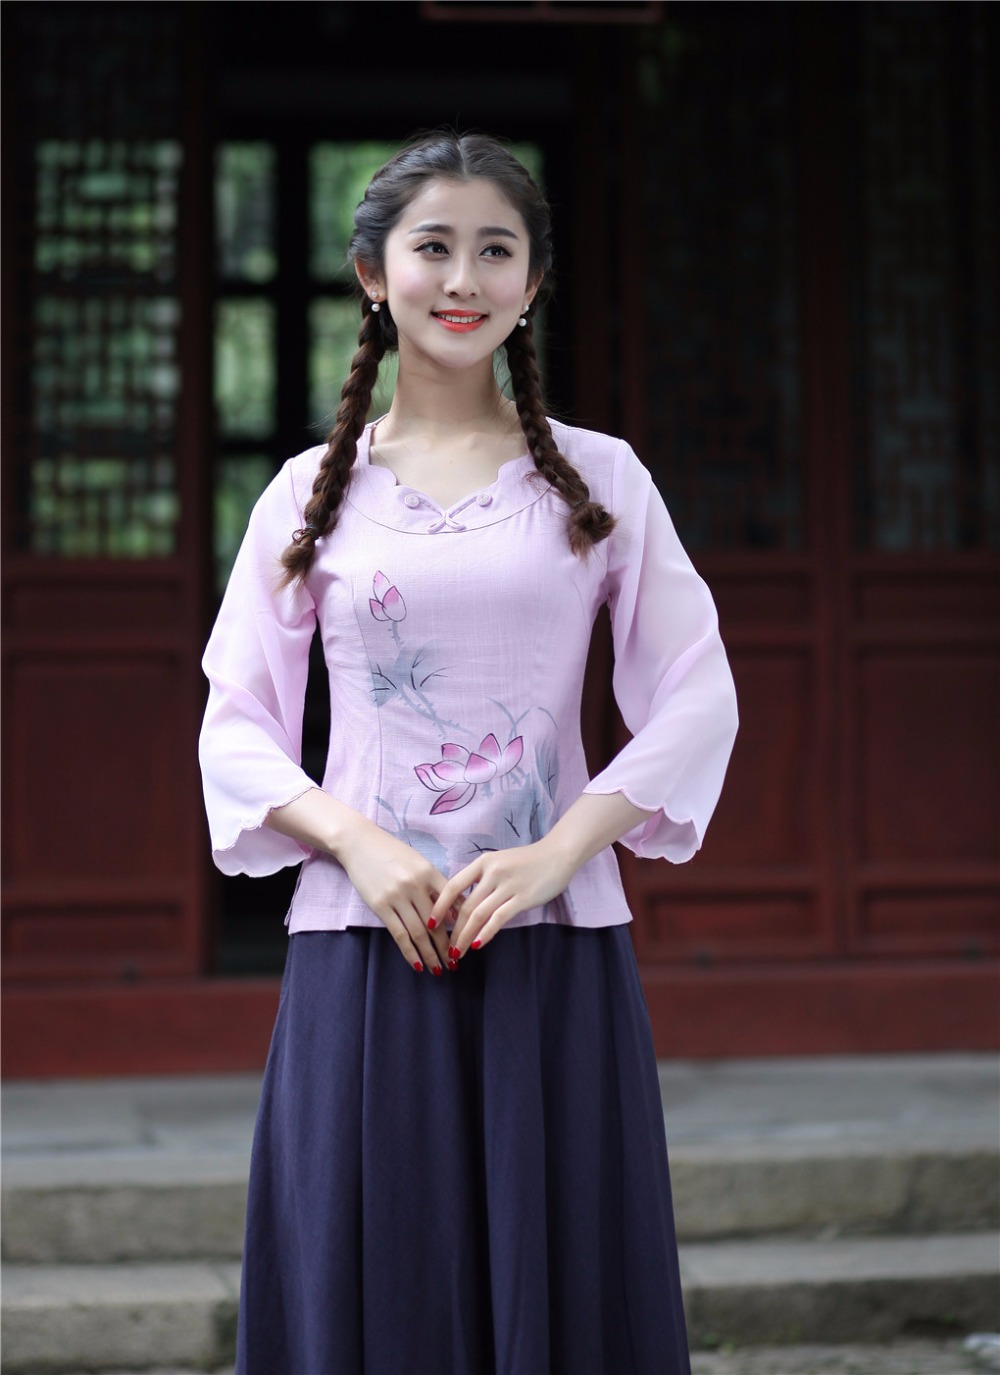 445716a7a شنغهاي قصة جديد وصول جولة طوق التقليدية الصينية قمم ل أعلي النساء من الكتان  اللوتس طباعة الصينية بلوزة 2 اللون